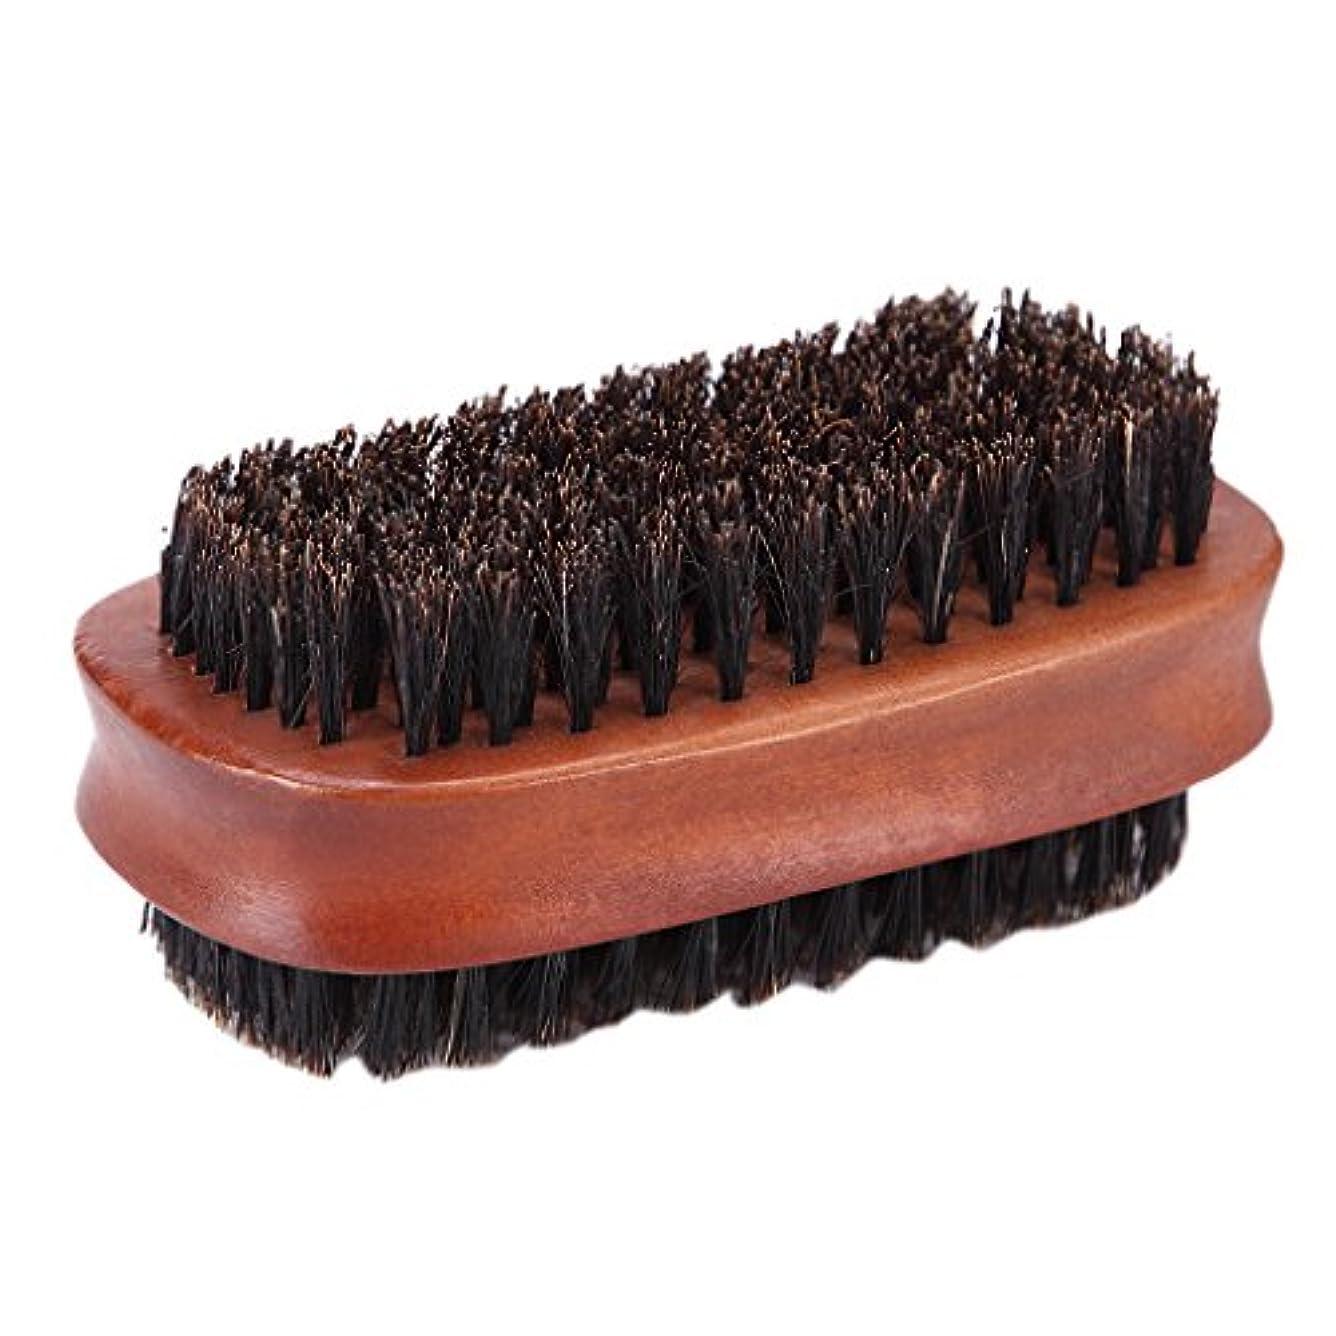 保険をかける介入する老朽化したヘアカット ダスターブラシ 両面ブラシ サロン 散髪 ヘアカット 柔らか 使いやすい